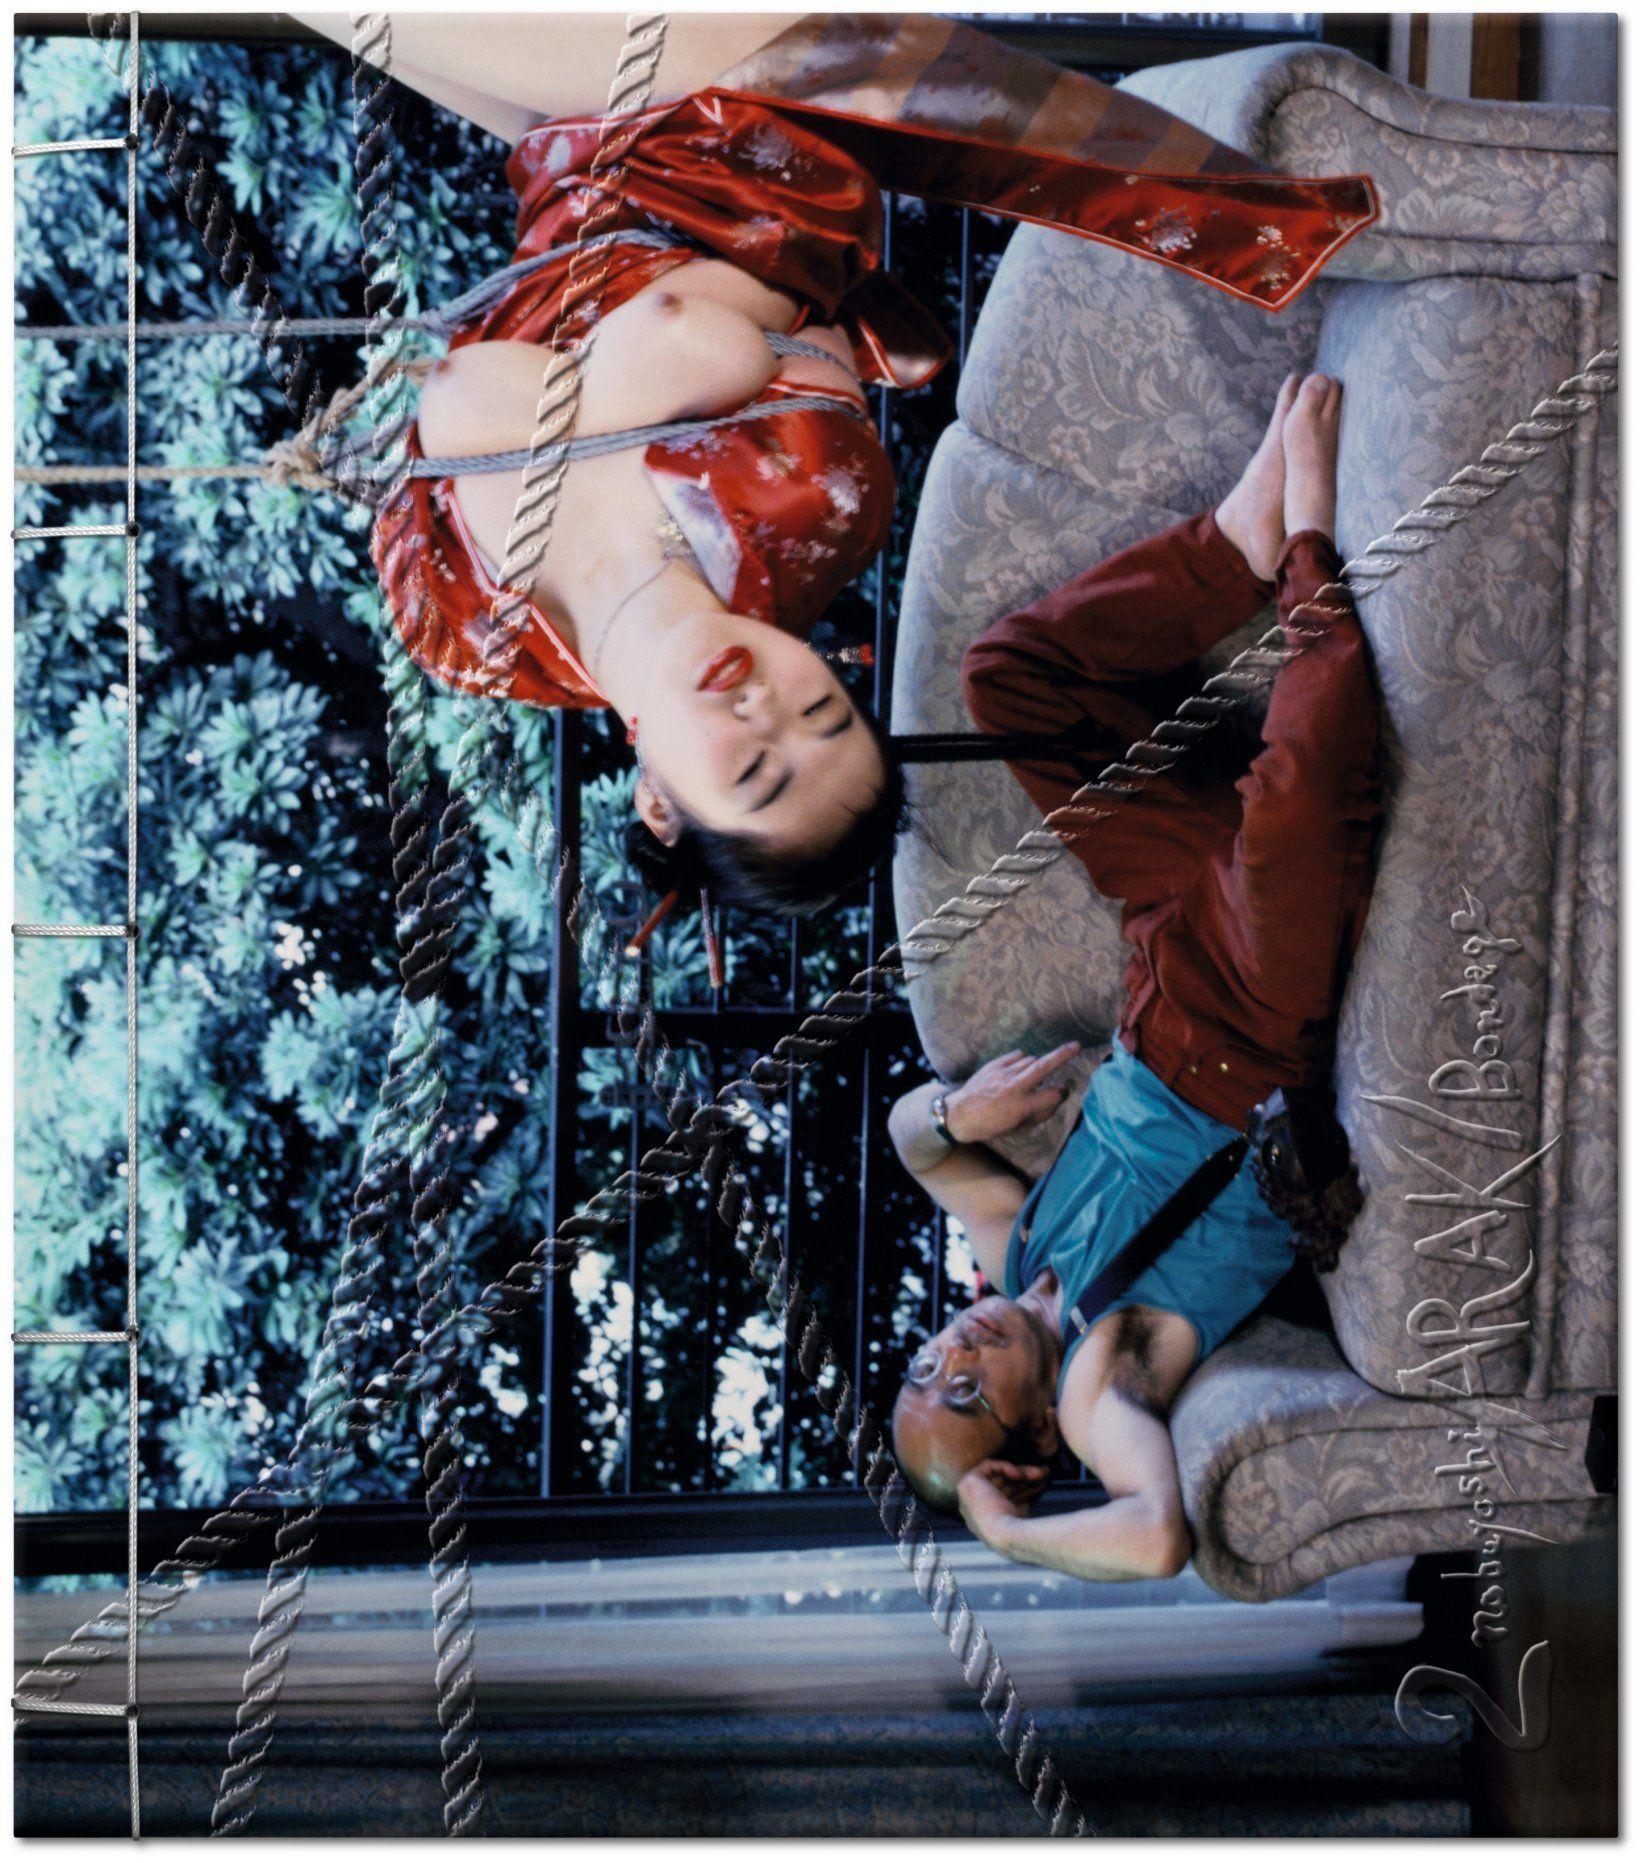 """ARAKI ACOSTADO Y UNA DE SUS MODELOS EN UNA DE SUS FOTOS DE """"BONDAGE"""", EL LIBRO DE TASCHEN EN VENTA A 1.000 DÓLARES EL EJEMPLAR"""